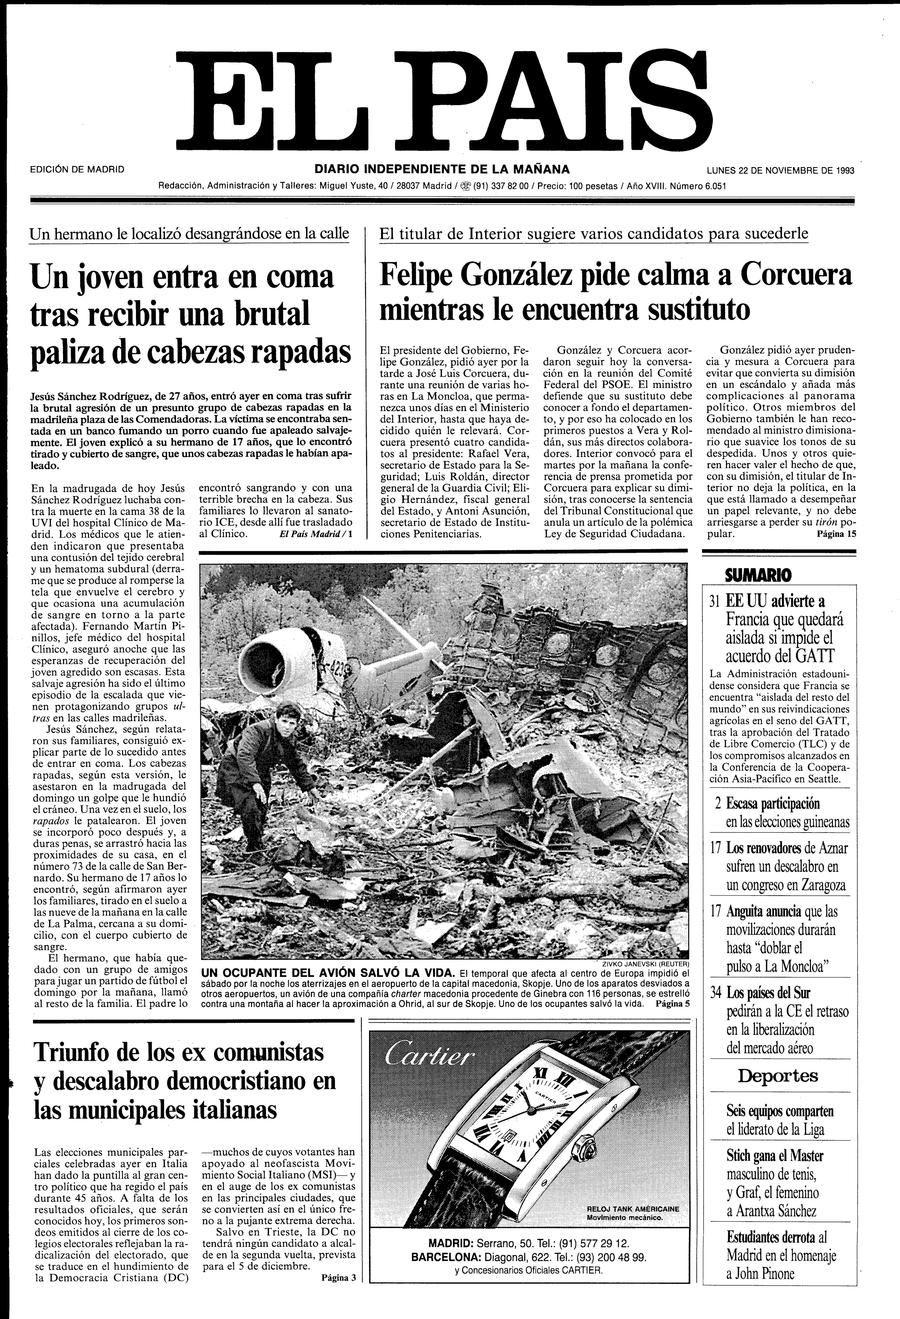 22 de Noviembre de 1993